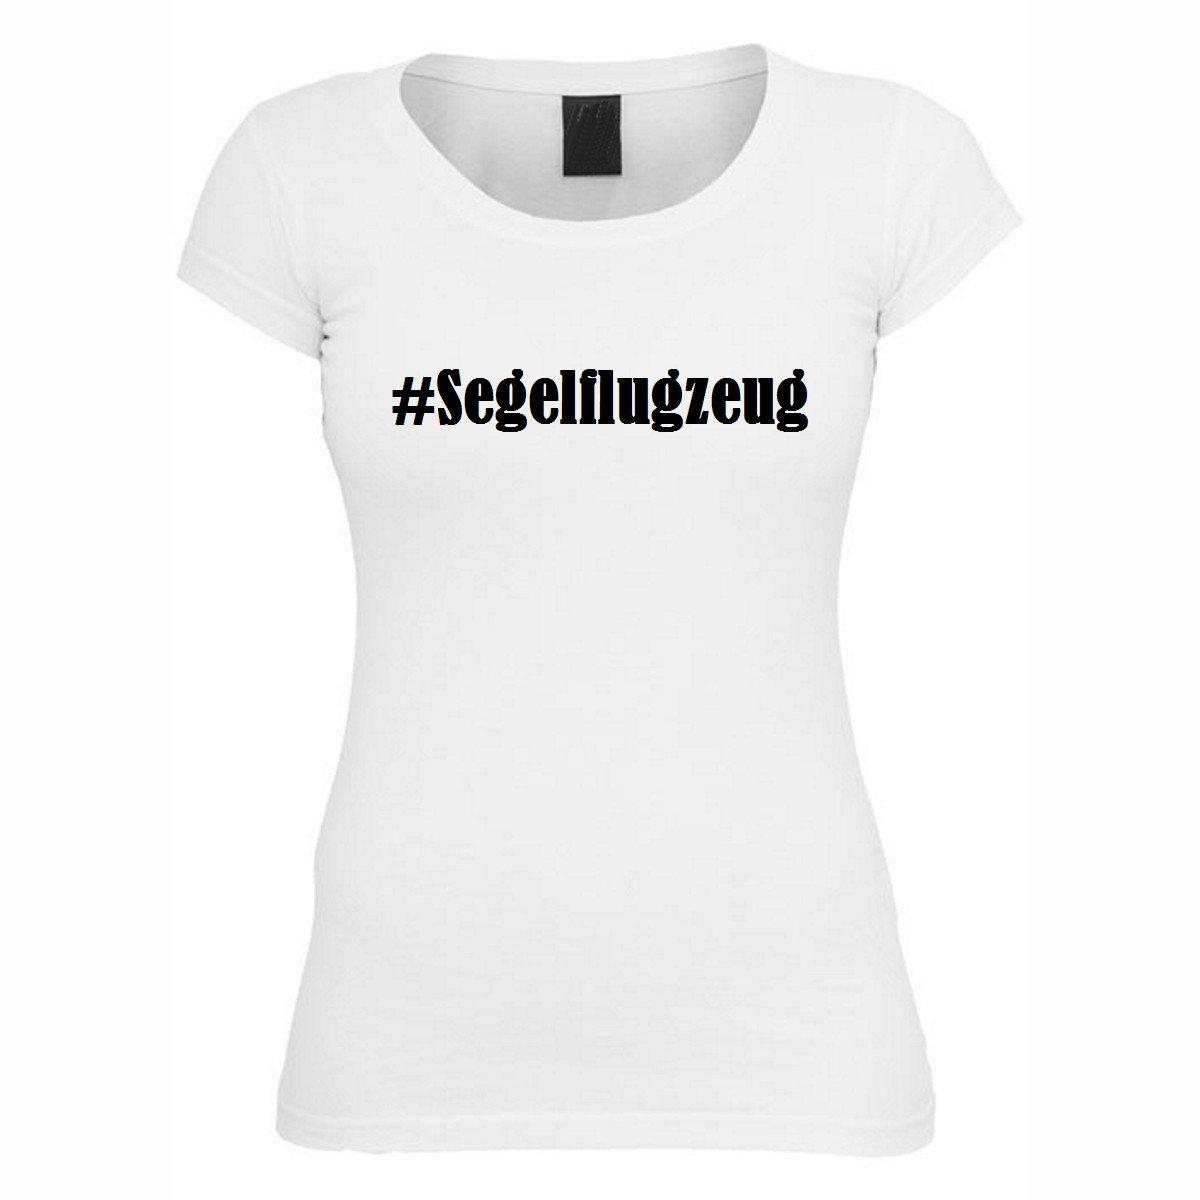 T-Shirt #Segelflugzeug Hashtag Raute für Damen Herren und Kinder ... in den Farben  Schwarz und Weiss: Amazon.de: Bekleidung